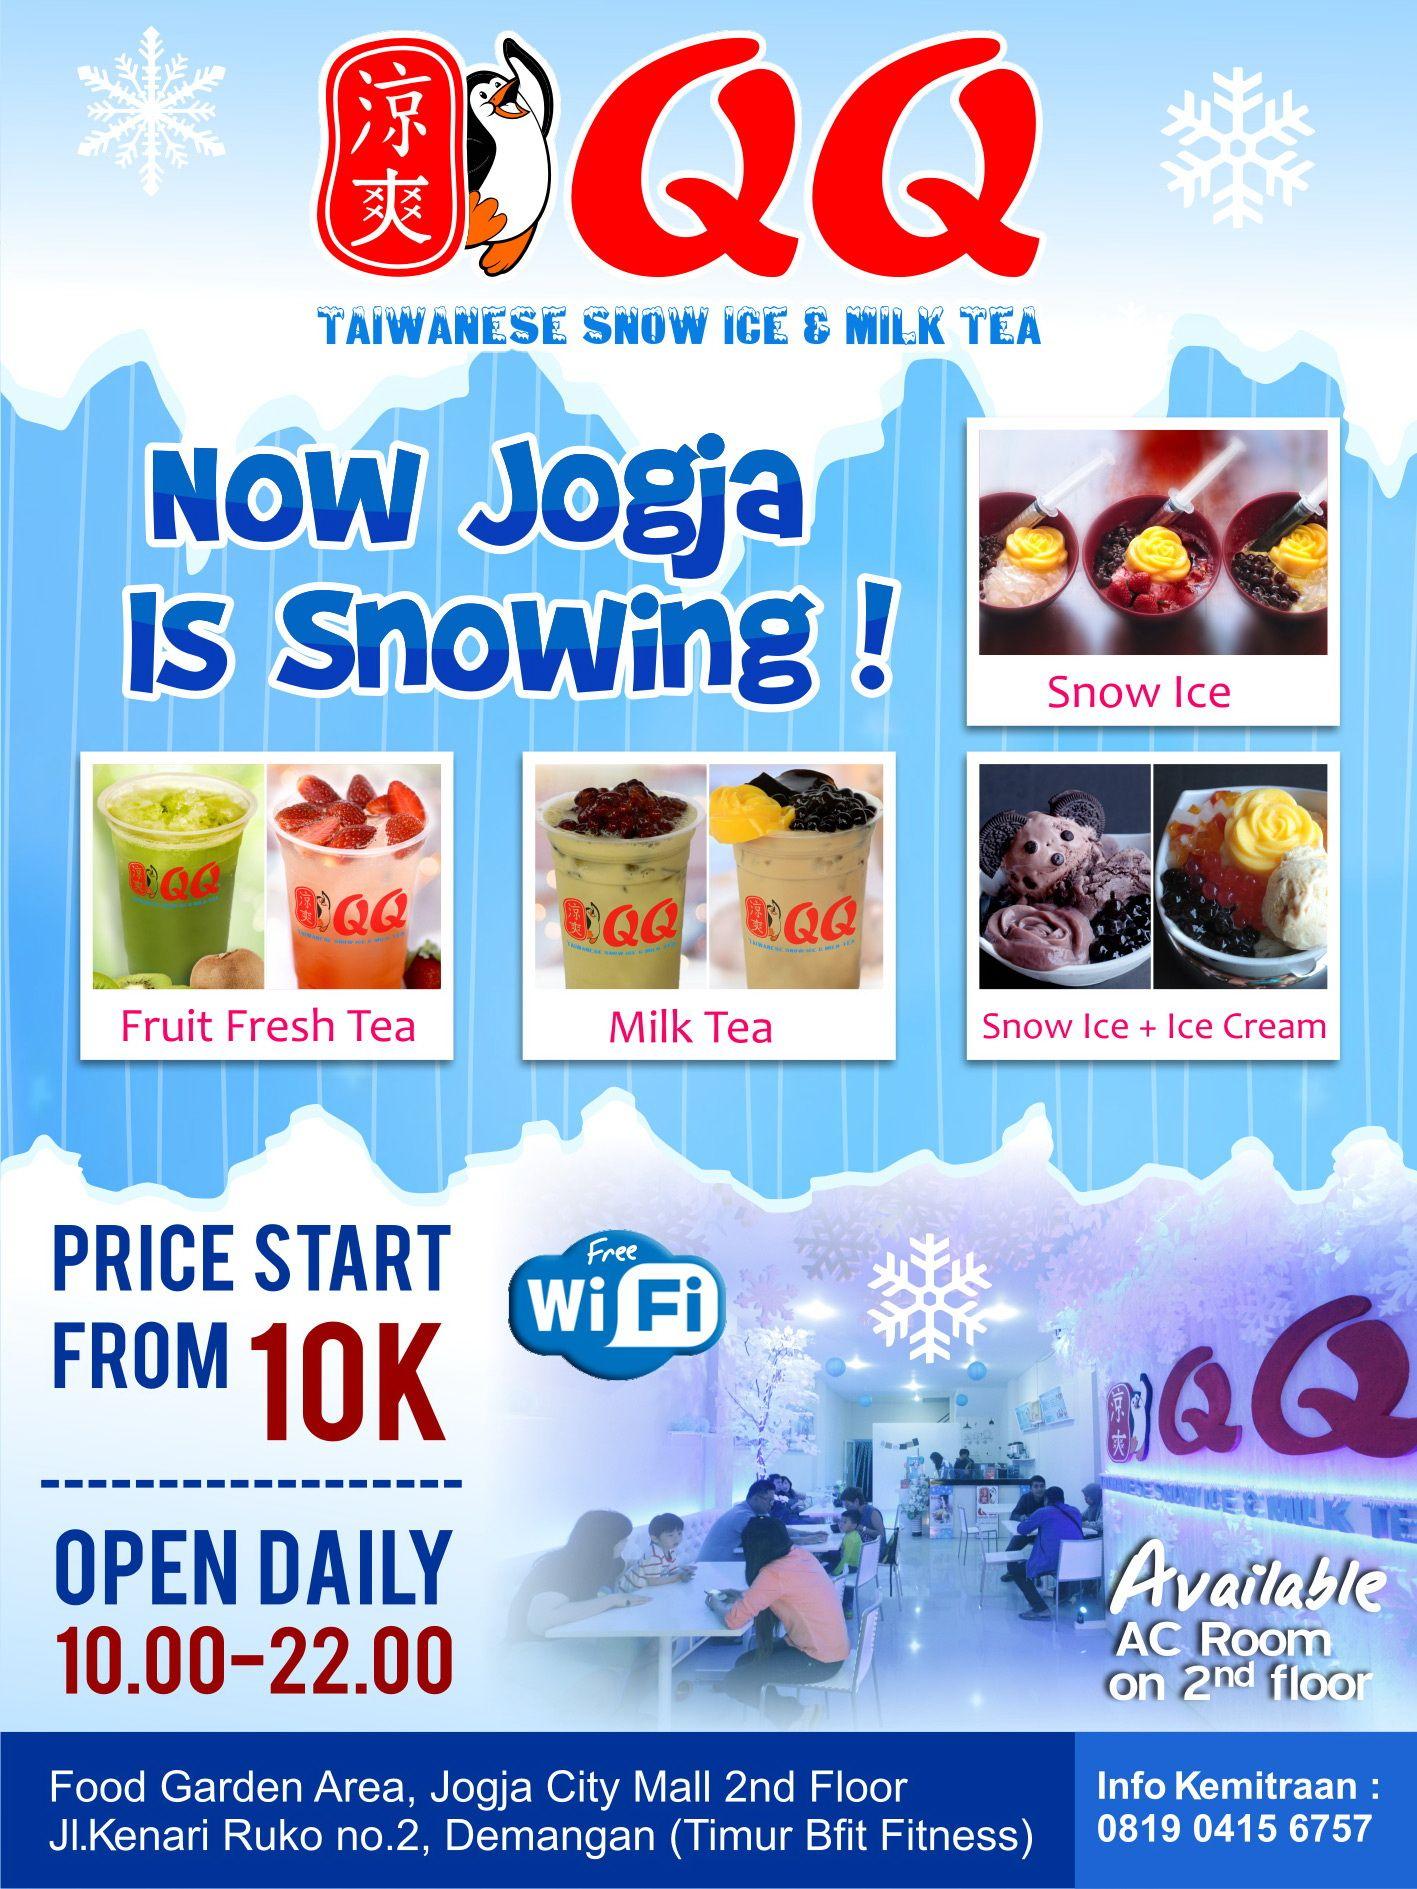 Pin Oleh Media Angetan Com Di Qq Taiwanese Snow Ice Milk Tea Dengan Gambar Matcha Salju Kartu